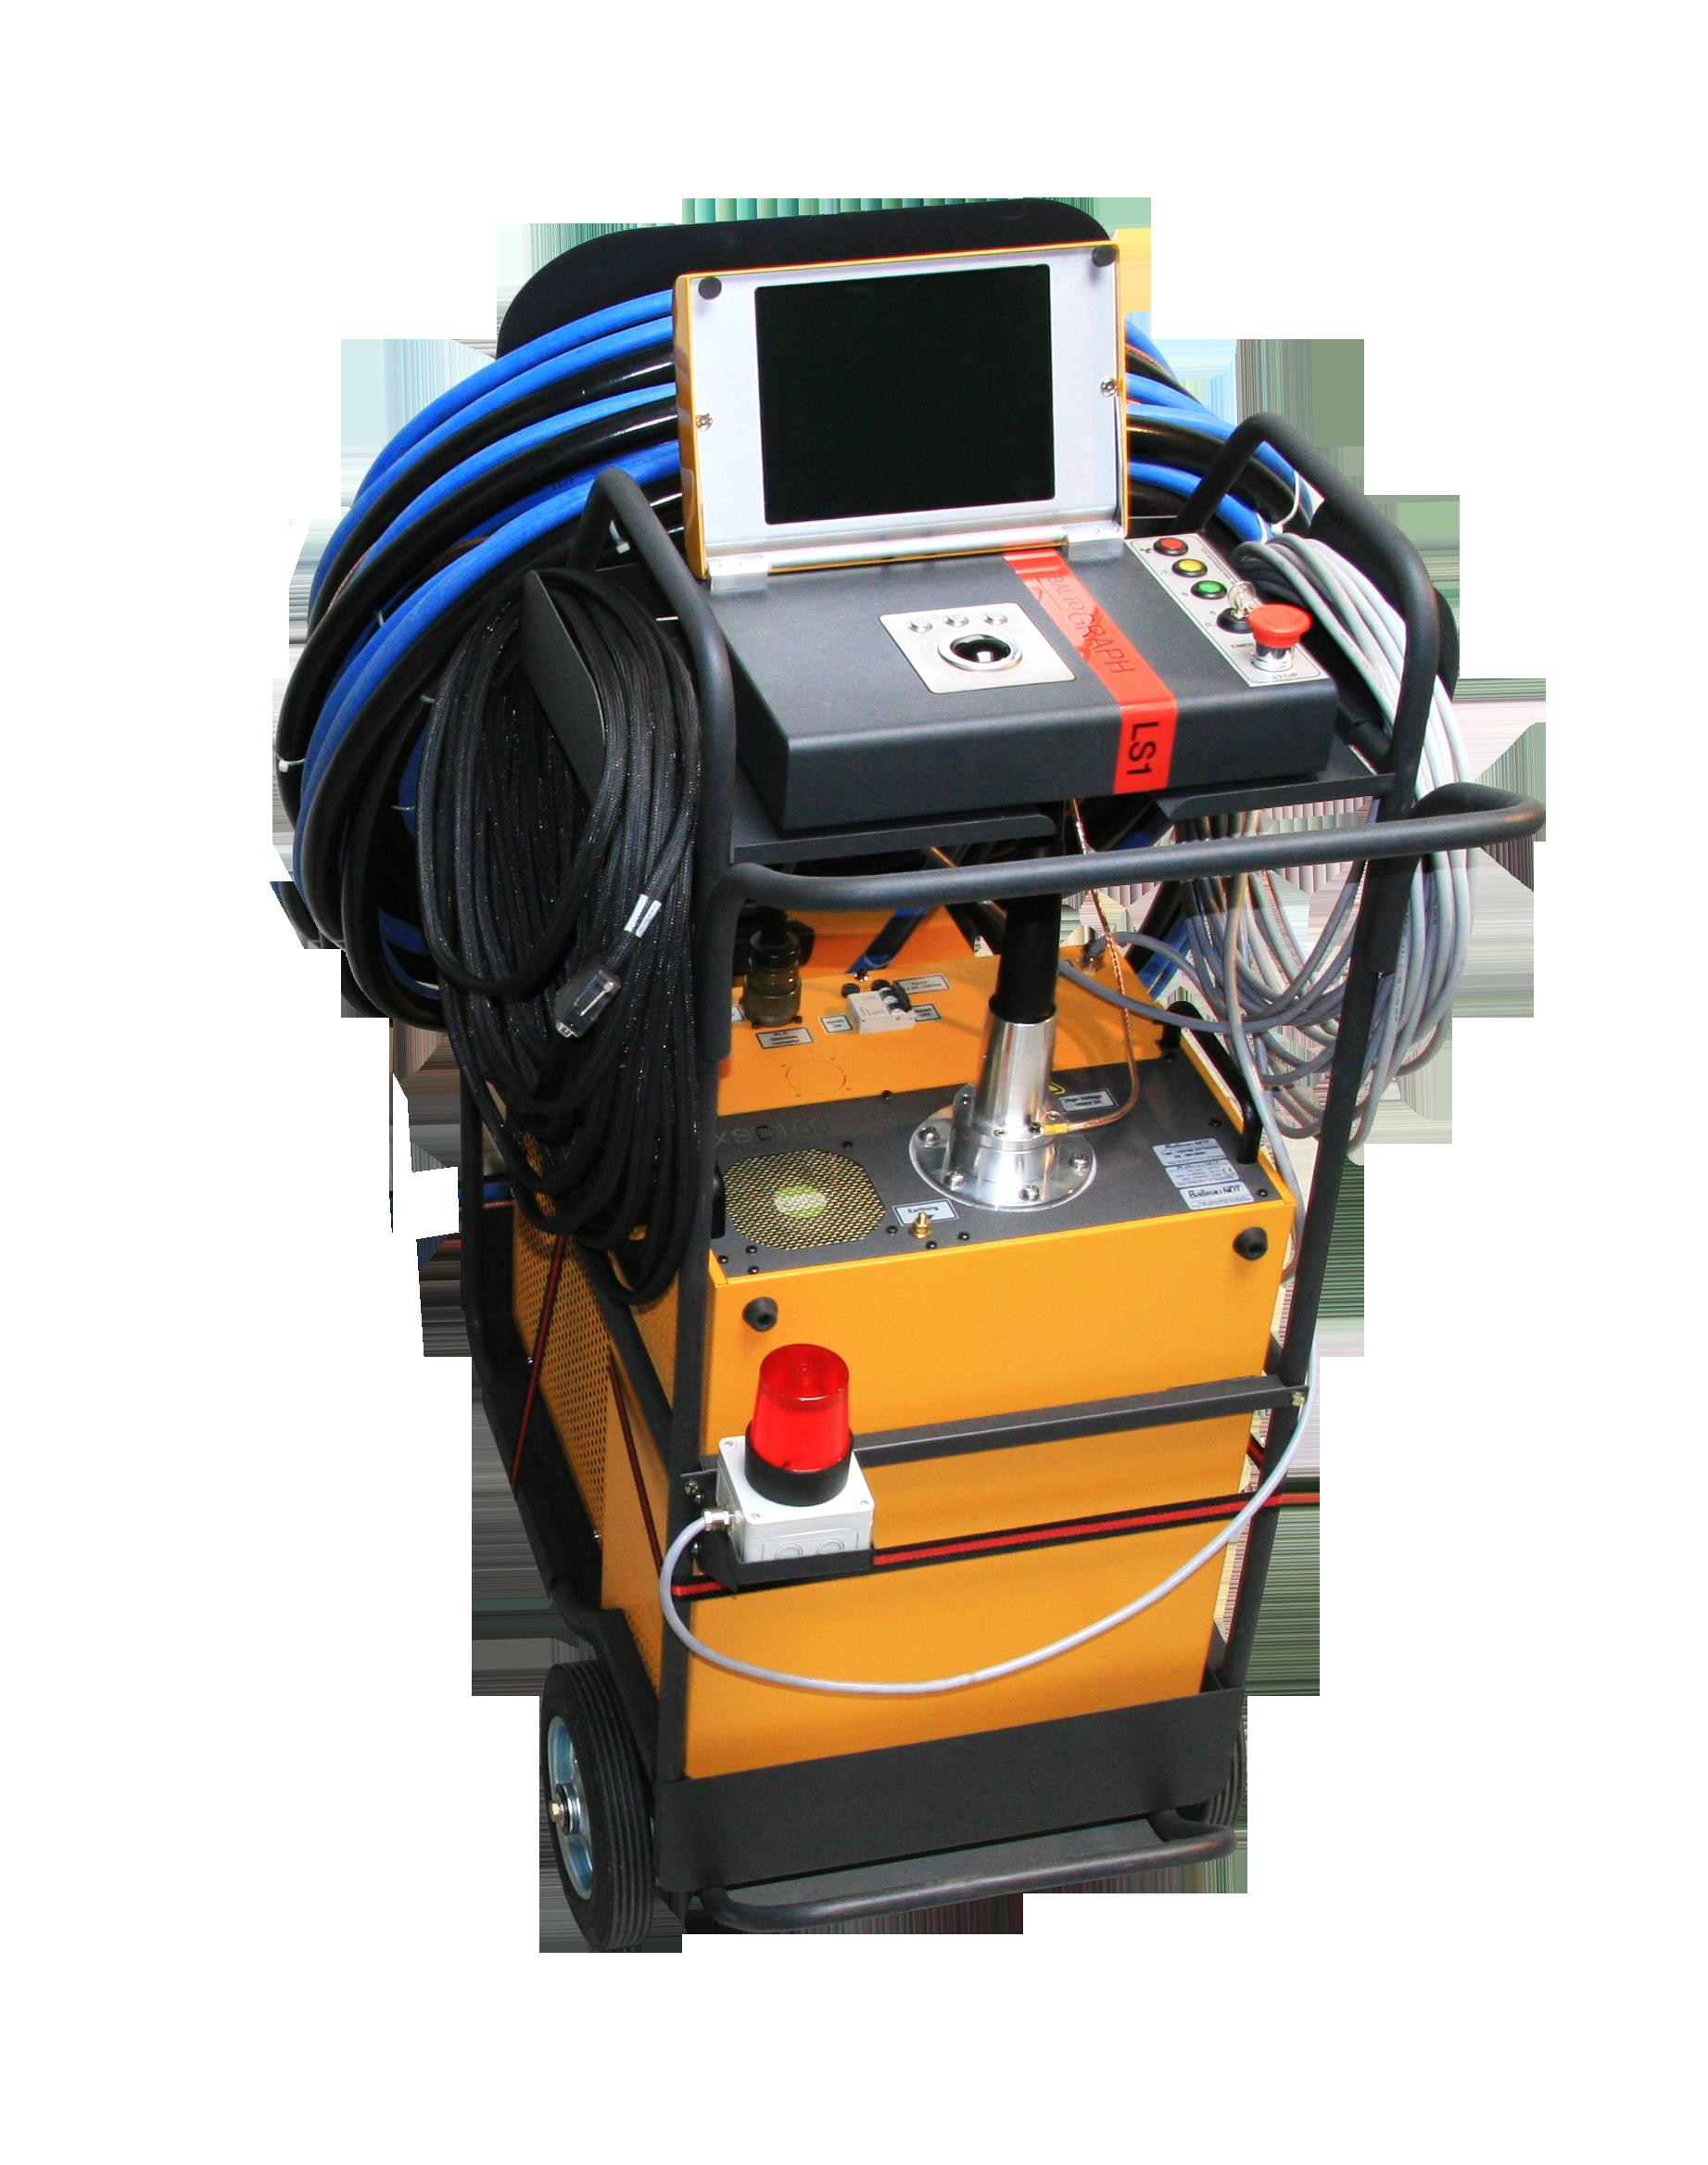 Stationary X-ray Generators